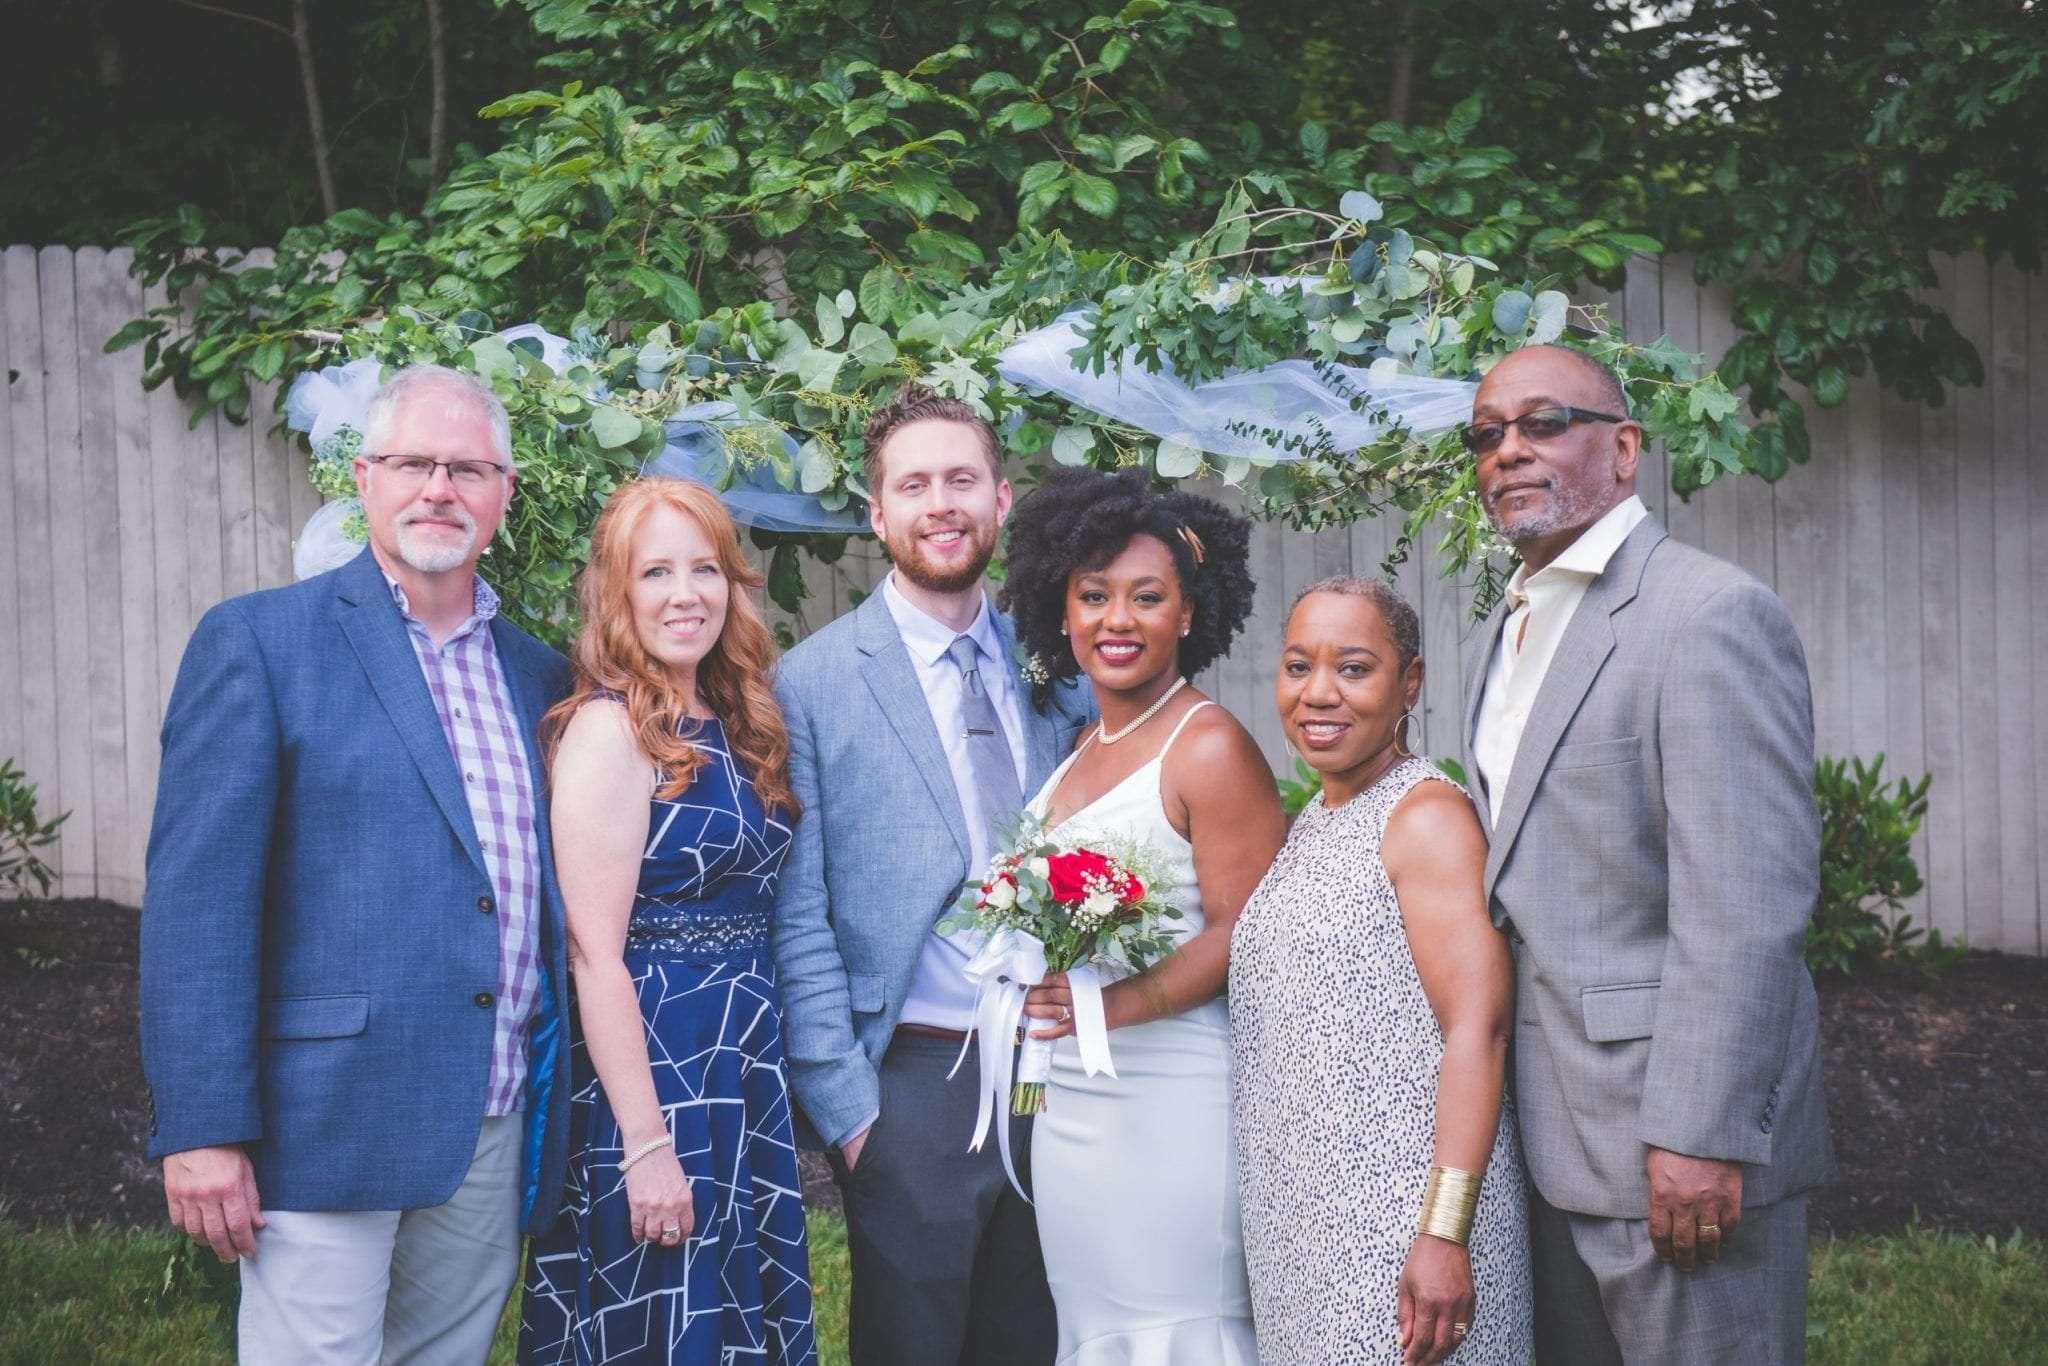 family photos NJ backyard Micro wedding